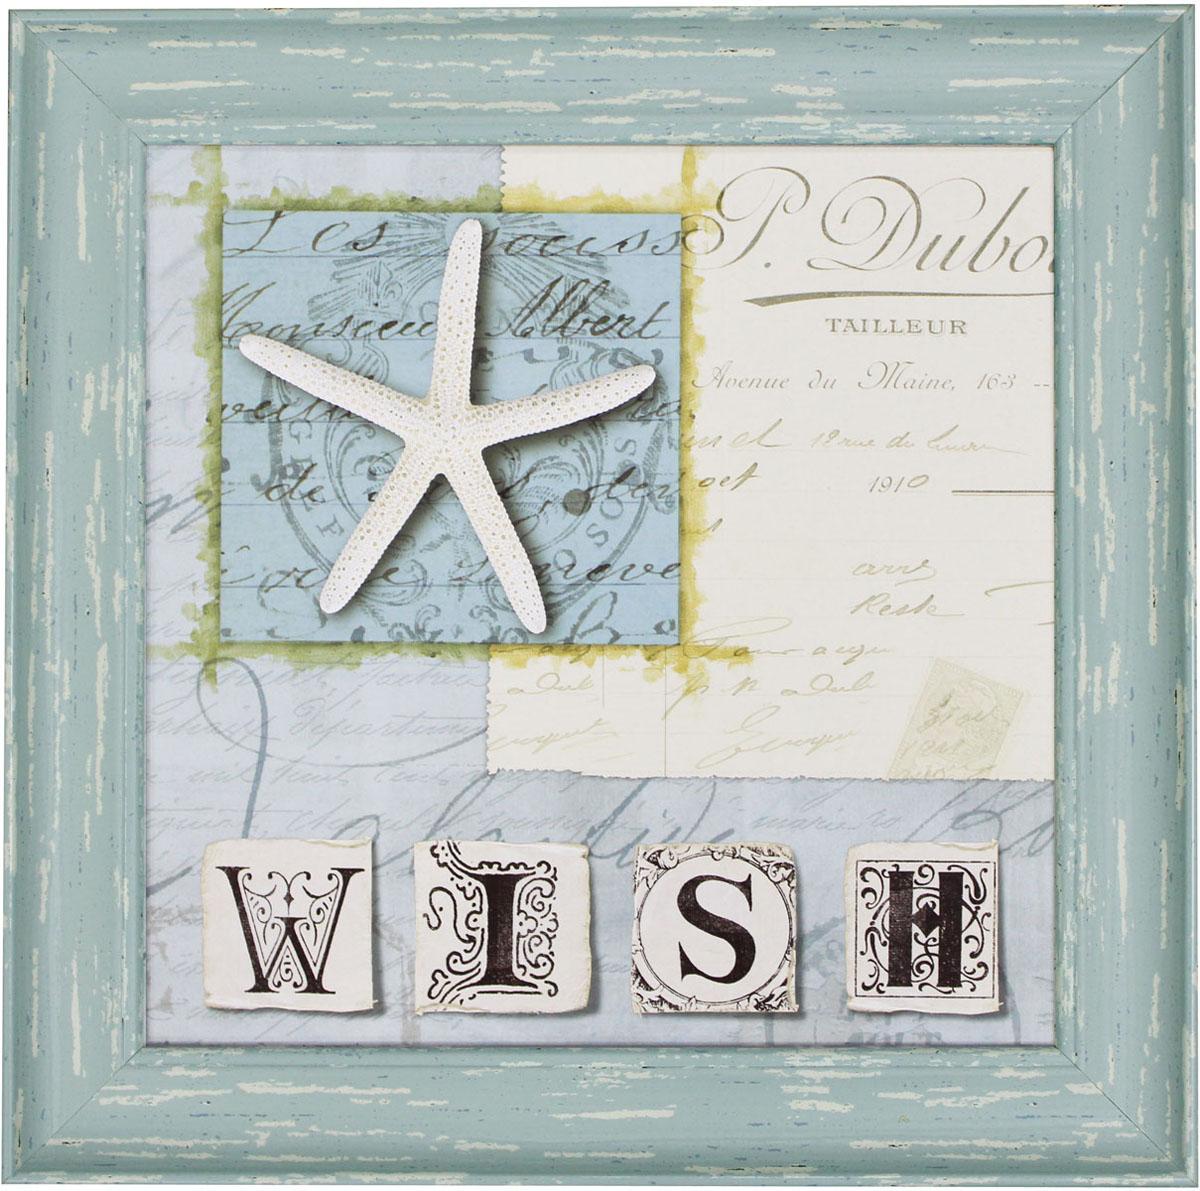 Постер в раме Postermarket Морская звезда, 30 х 30 смWA-05Картина для интерьера (постер) - современное и актуальное направление в дизайне любых помещений. Постер оформлен изображением морской звезды и надписью Wish. Рама выполнена из пластика светло-зеленого цвета с эффектом потертости. Картина защищена прозрачным пластиком. С задней стороны имеется петелька для подвешивания к стене. Картина может использоваться для оформления любых интерьеров: - дом, квартира (гостиная, спальня, кухня, прихожая, детская); - офис (комната переговоров, холл, кабинет); - бар, кафе, ресторан или гостиница. Картины, предоставляемые компанией Постермаркет: - собраны вручную из лучших импортных комплектующих; - надежно упакованы в пленку с противоударными уголками.